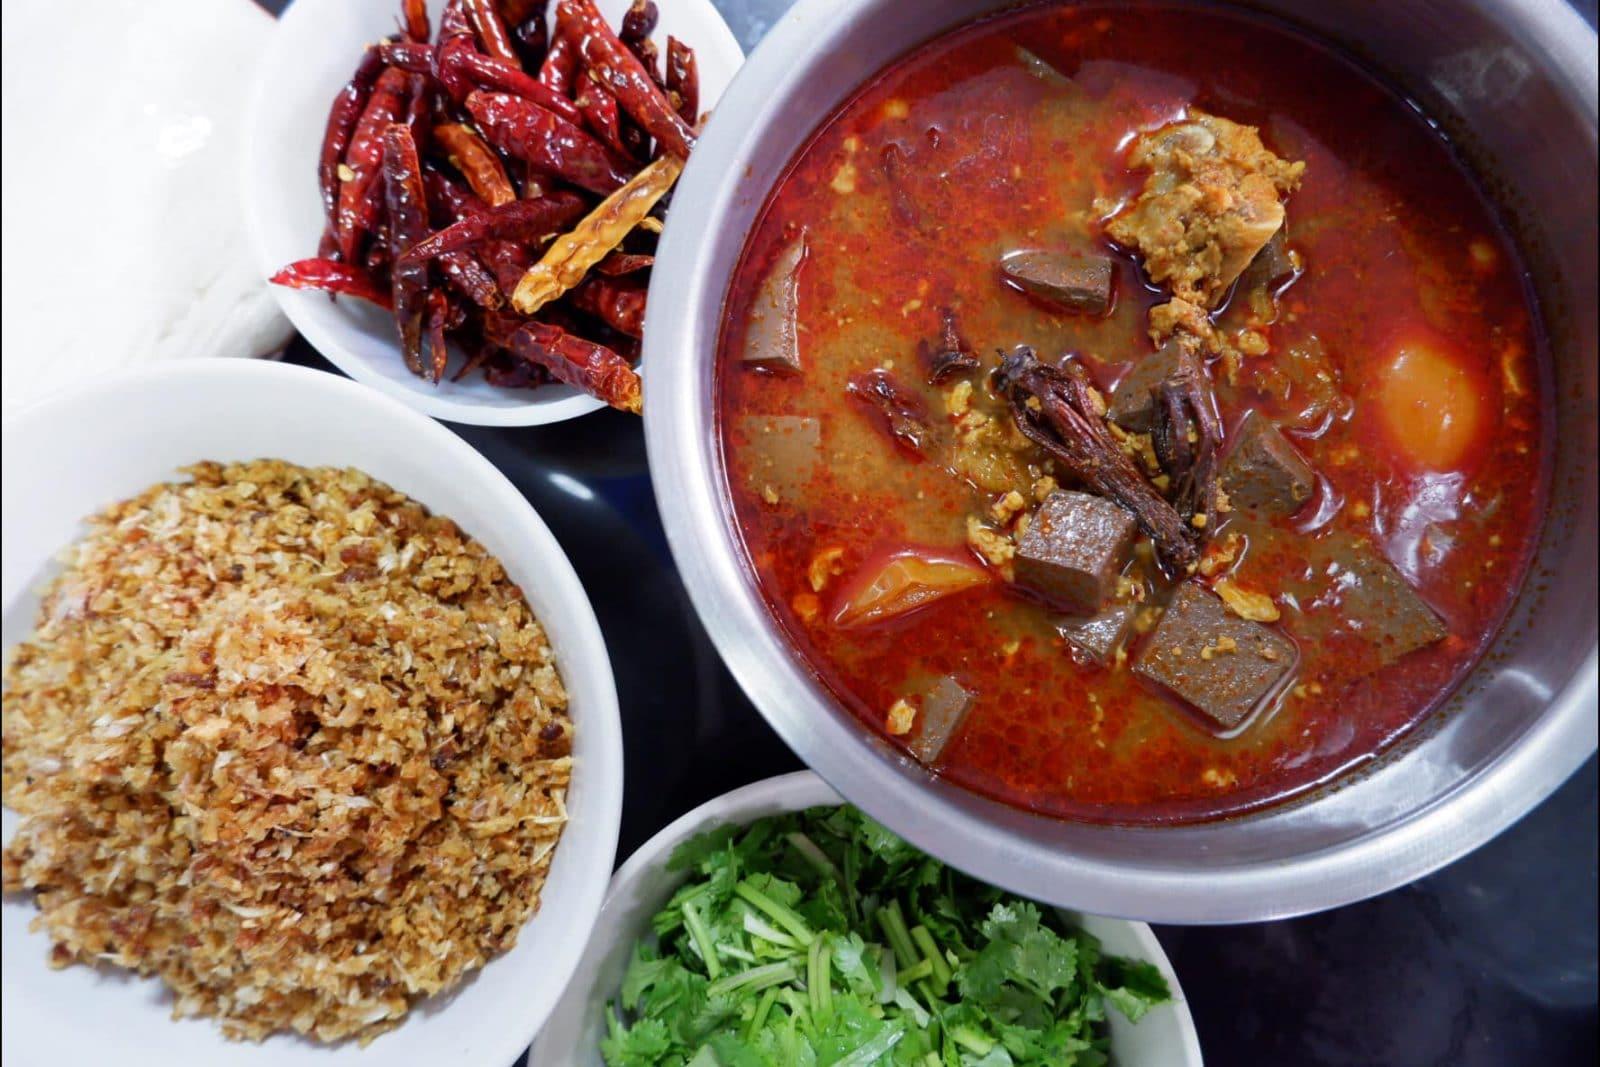 สูตรและวิธีทำขนมจีนน้ำเงี้ยว สูตรแม่มณี